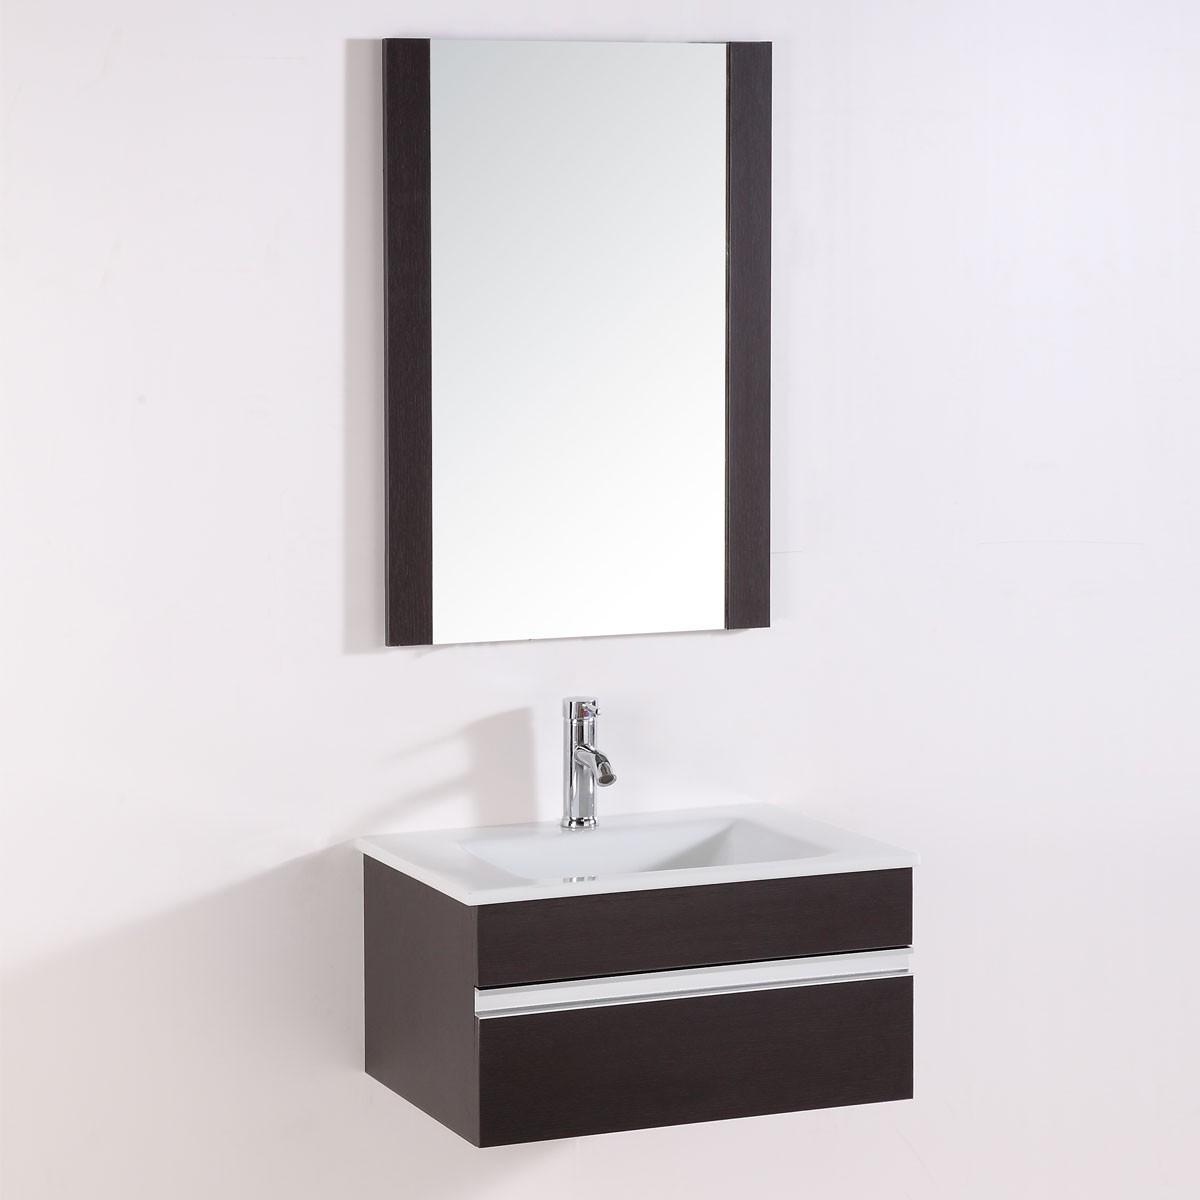 24 po meuble salle de bain suspendu au mur lavabo simple for Miroir magique au mur